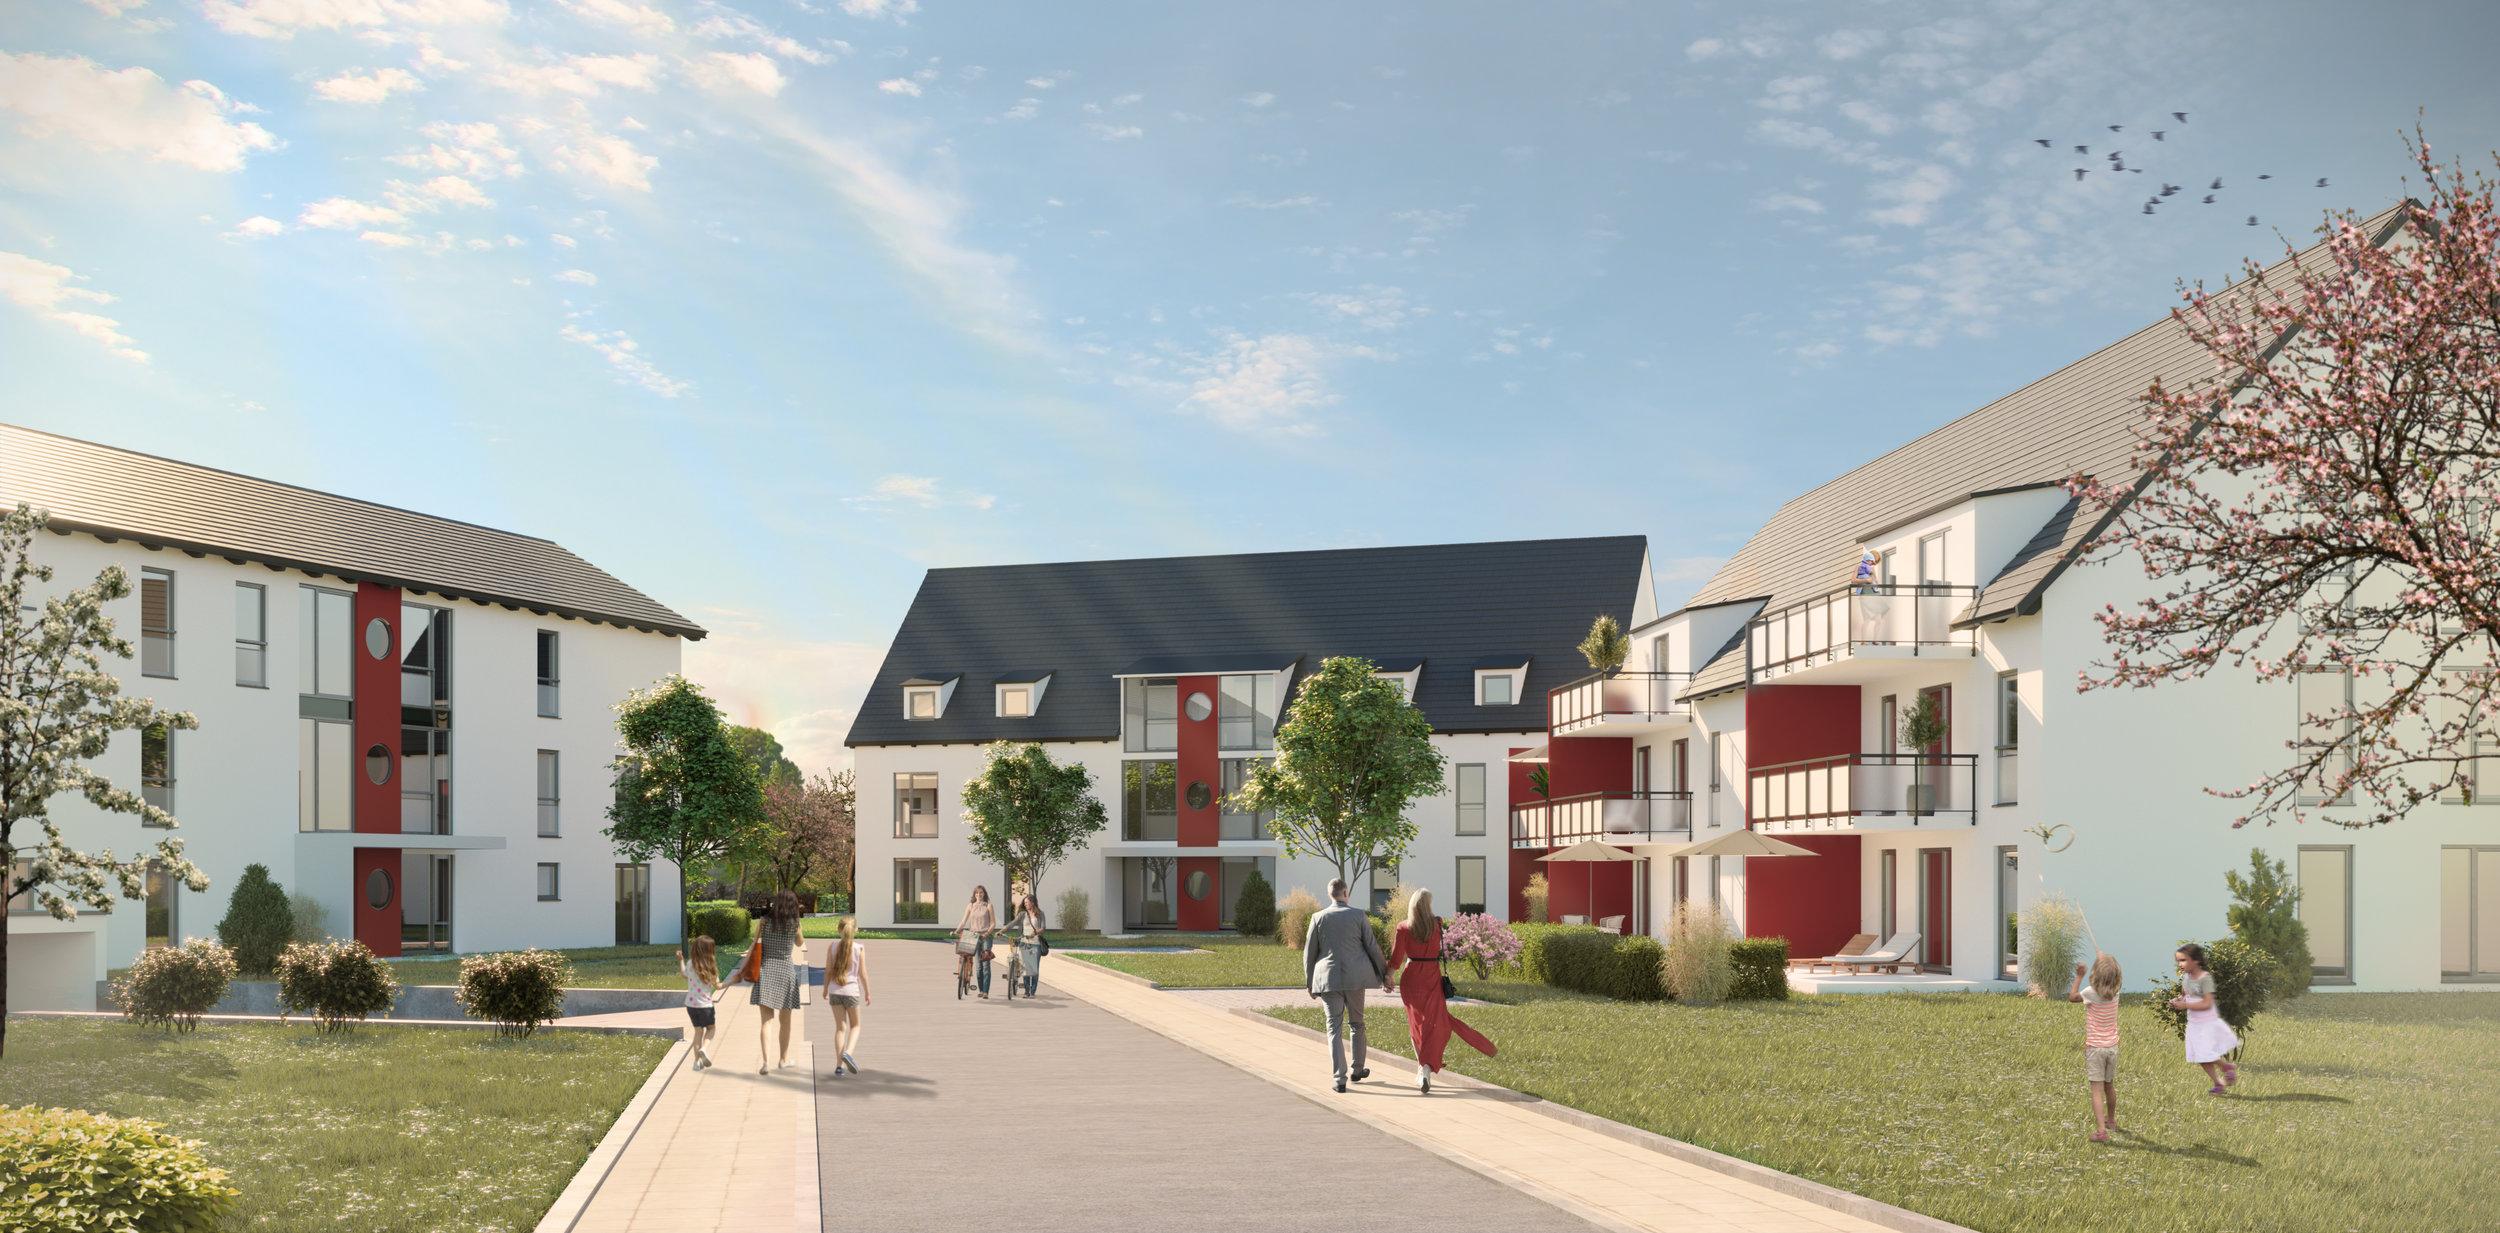 Visualisierung Wohnen in Horgau